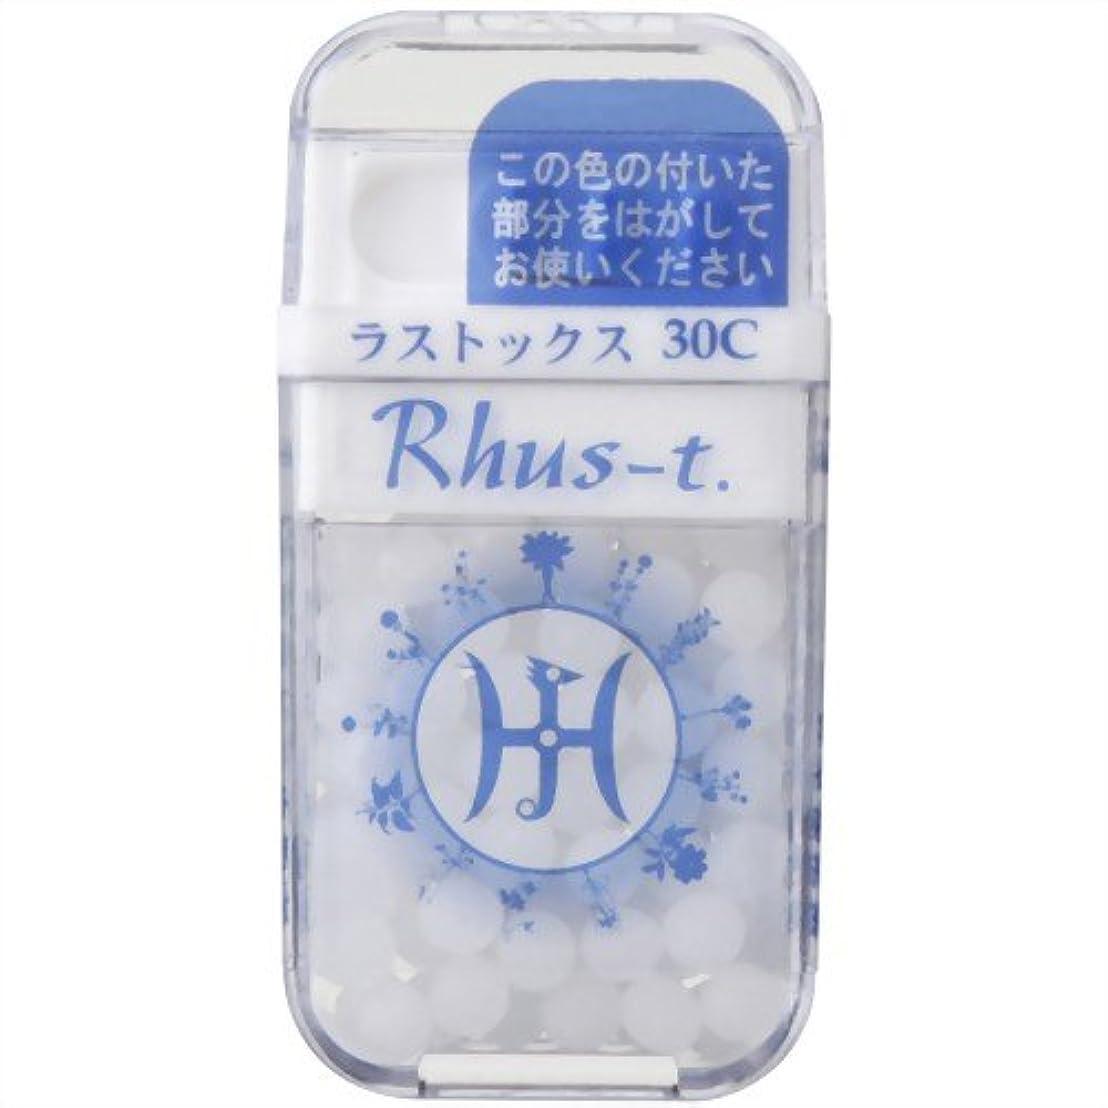 固執でもさまようホメオパシージャパンレメディー Rhus-t.  ラストックス 30C (大ビン)